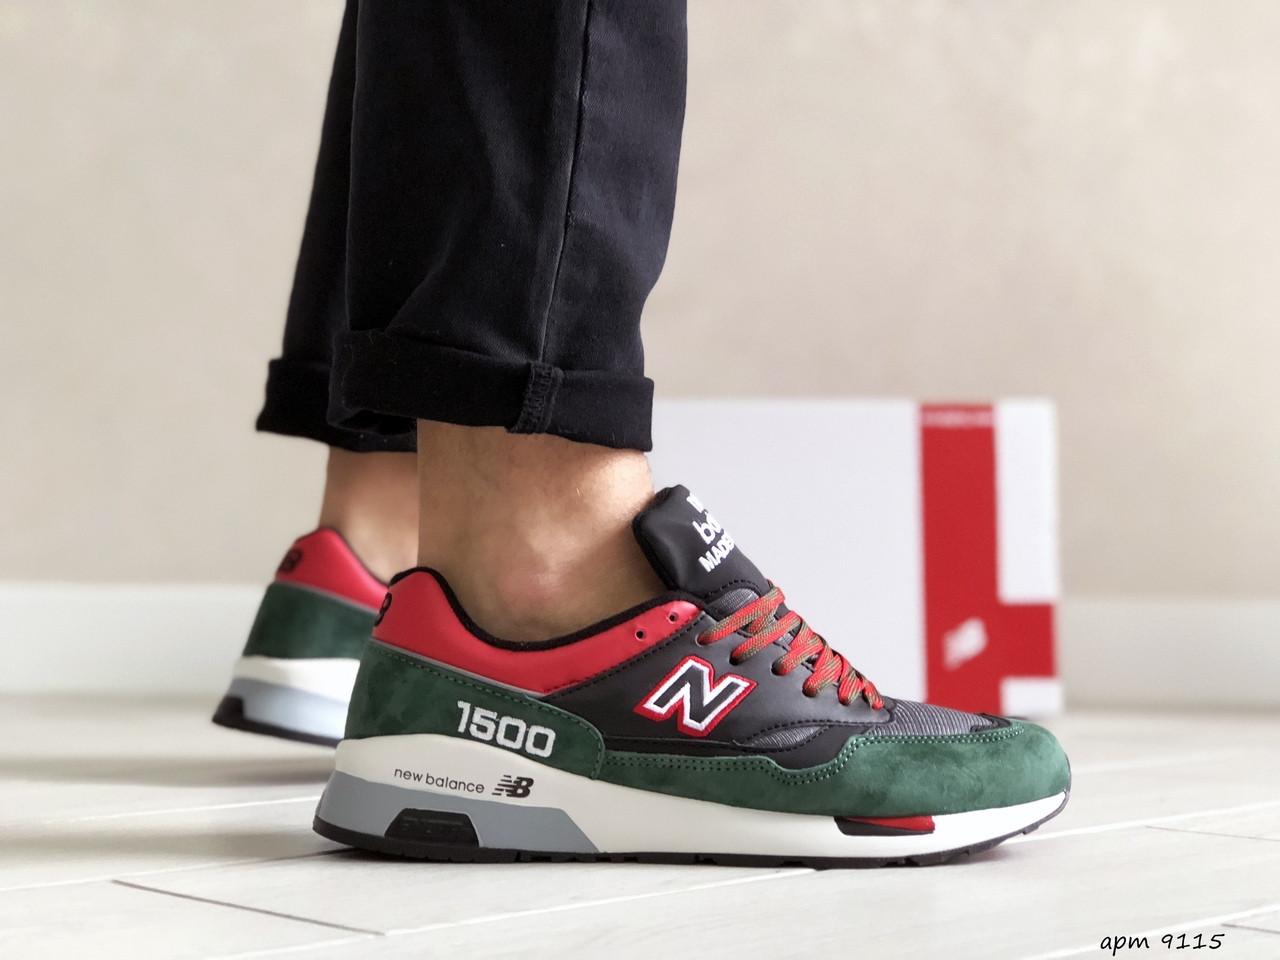 Чоловічі кросівки New Balance 1500 ВЕЛИКОБРИТАНІЯ (чорно-зелені з червоним) 9115